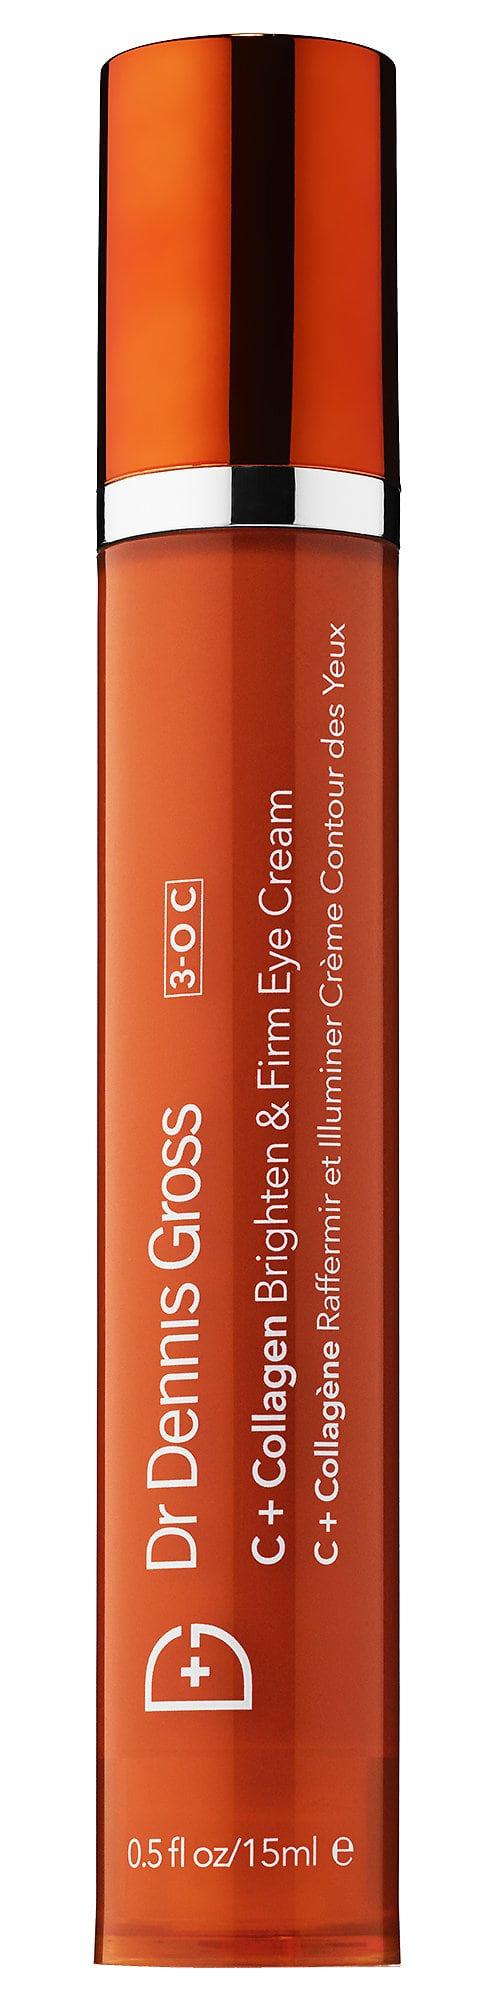 Dr Dennis Gross C + Collagen Brighten + Firm Eye Cream